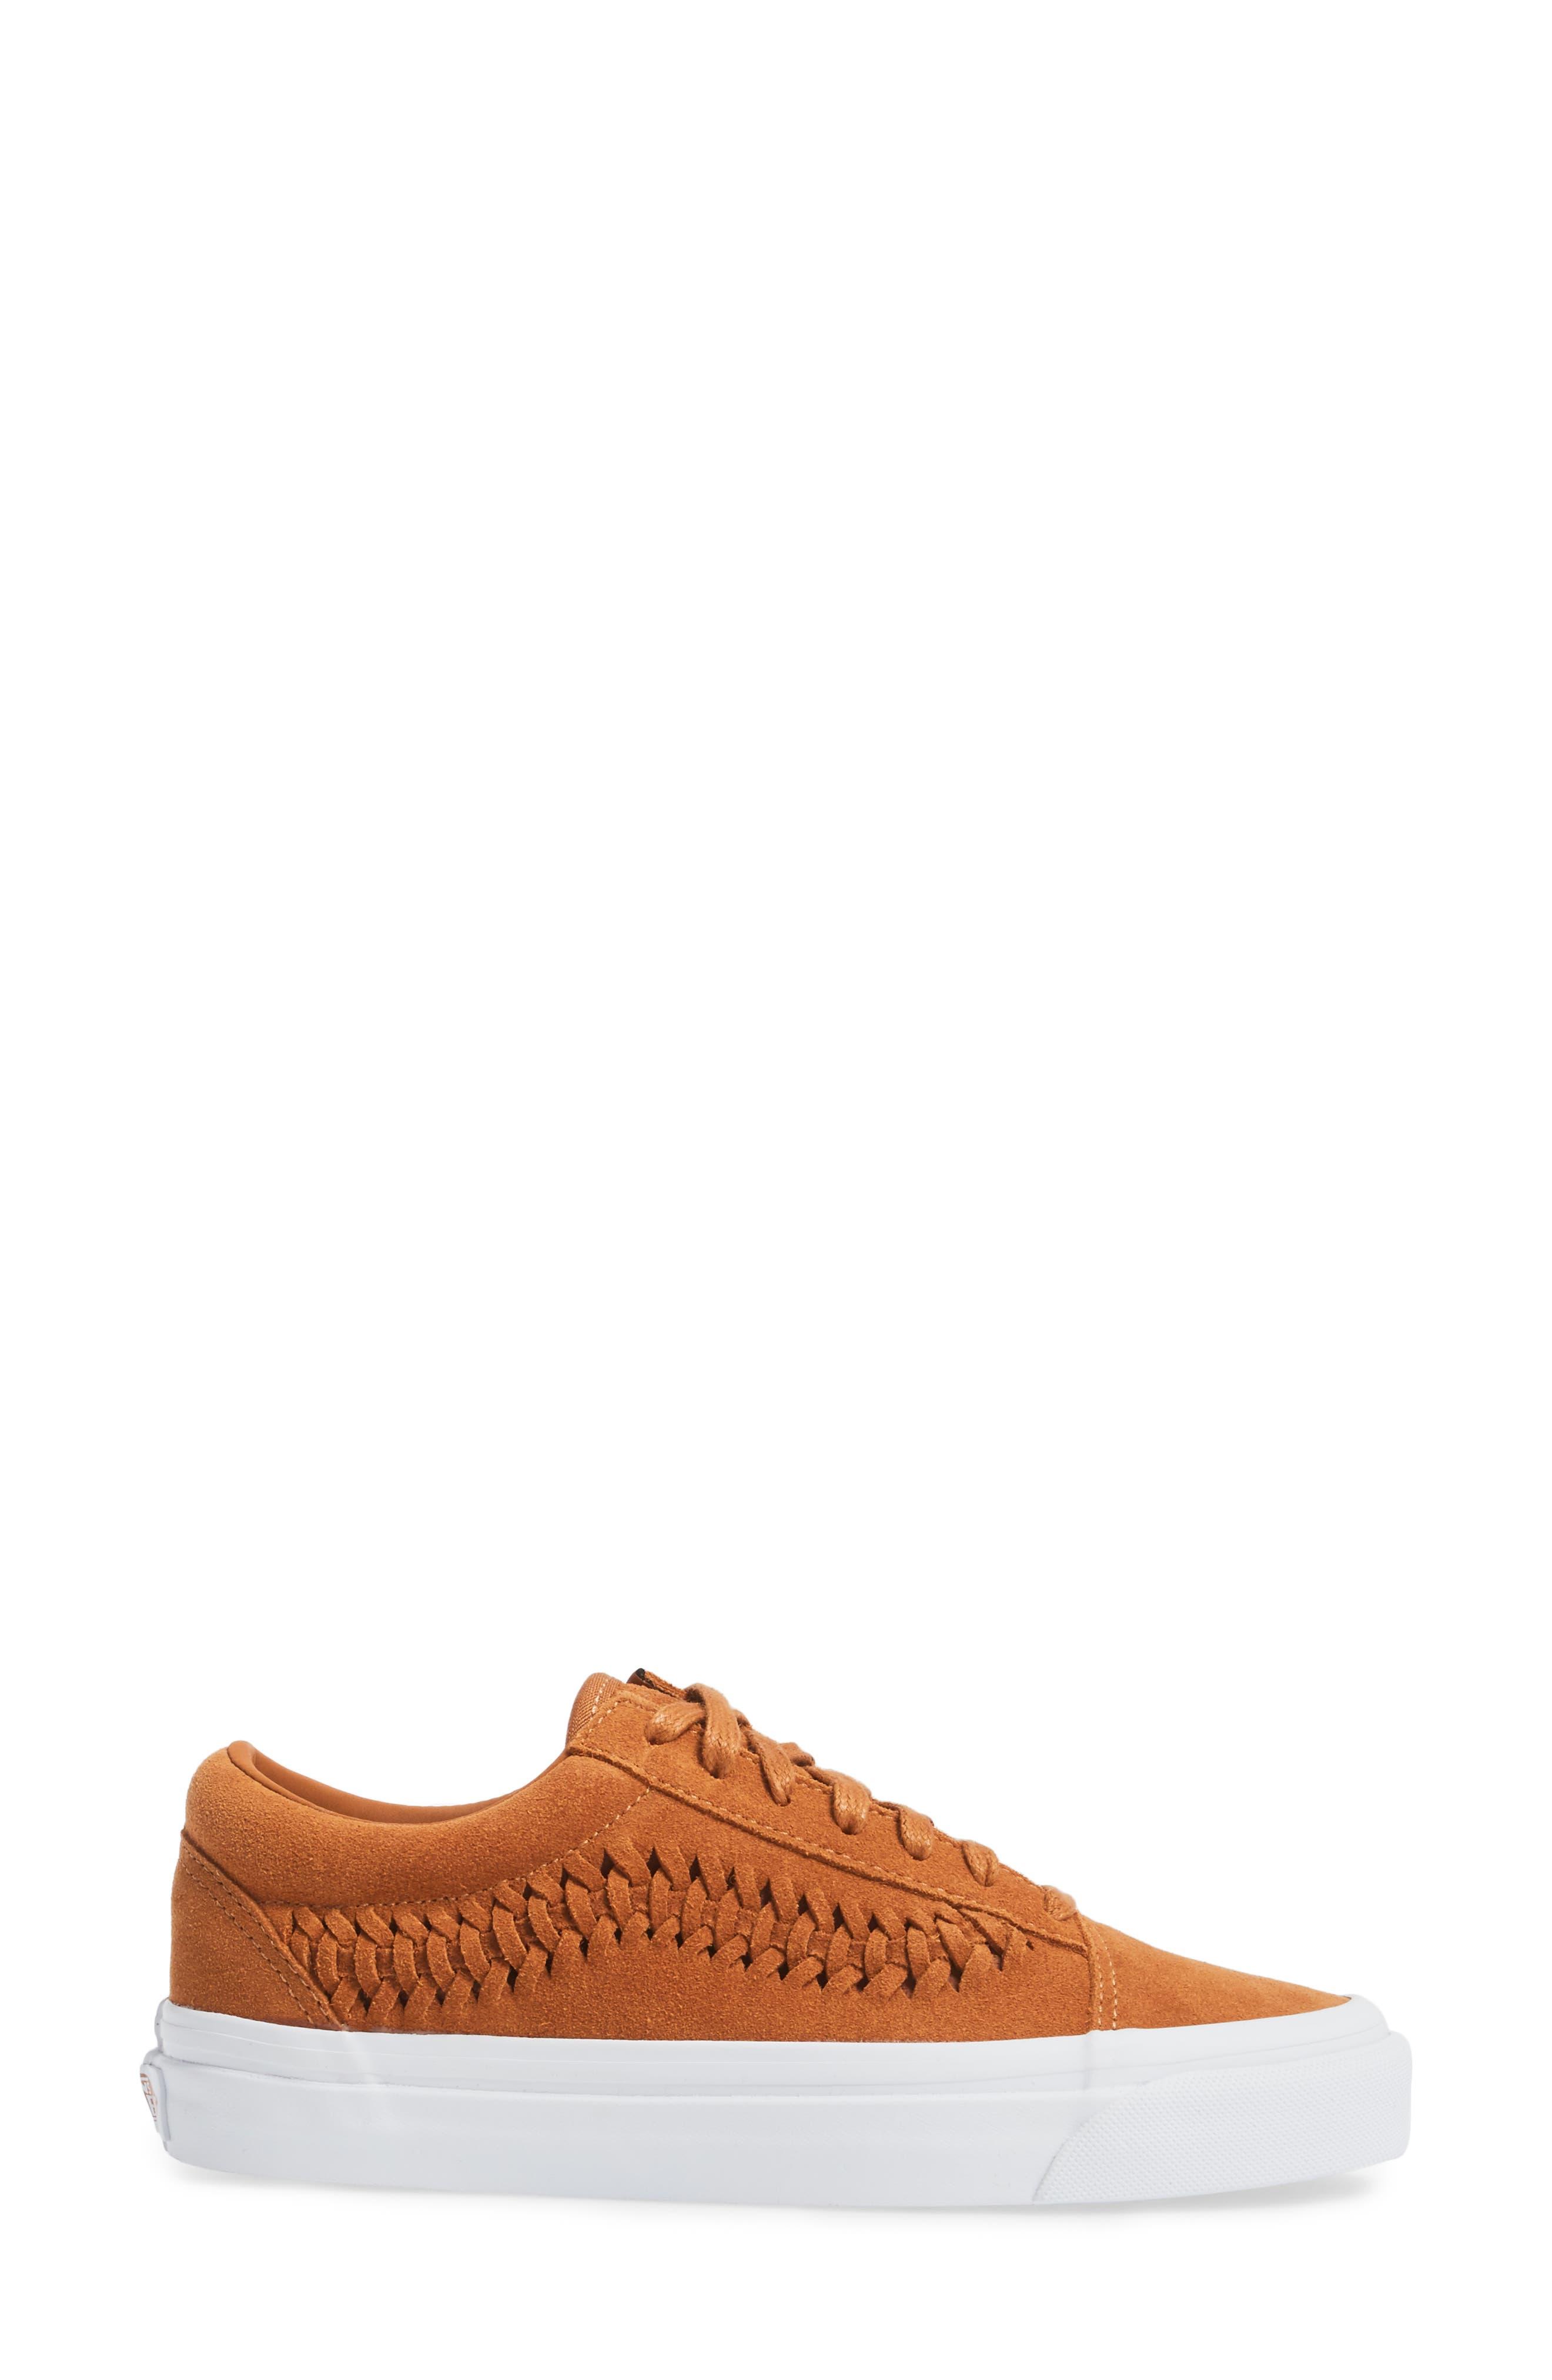 Alternate Image 3  - Vans Old Skool Weave DX Sneaker (Women)